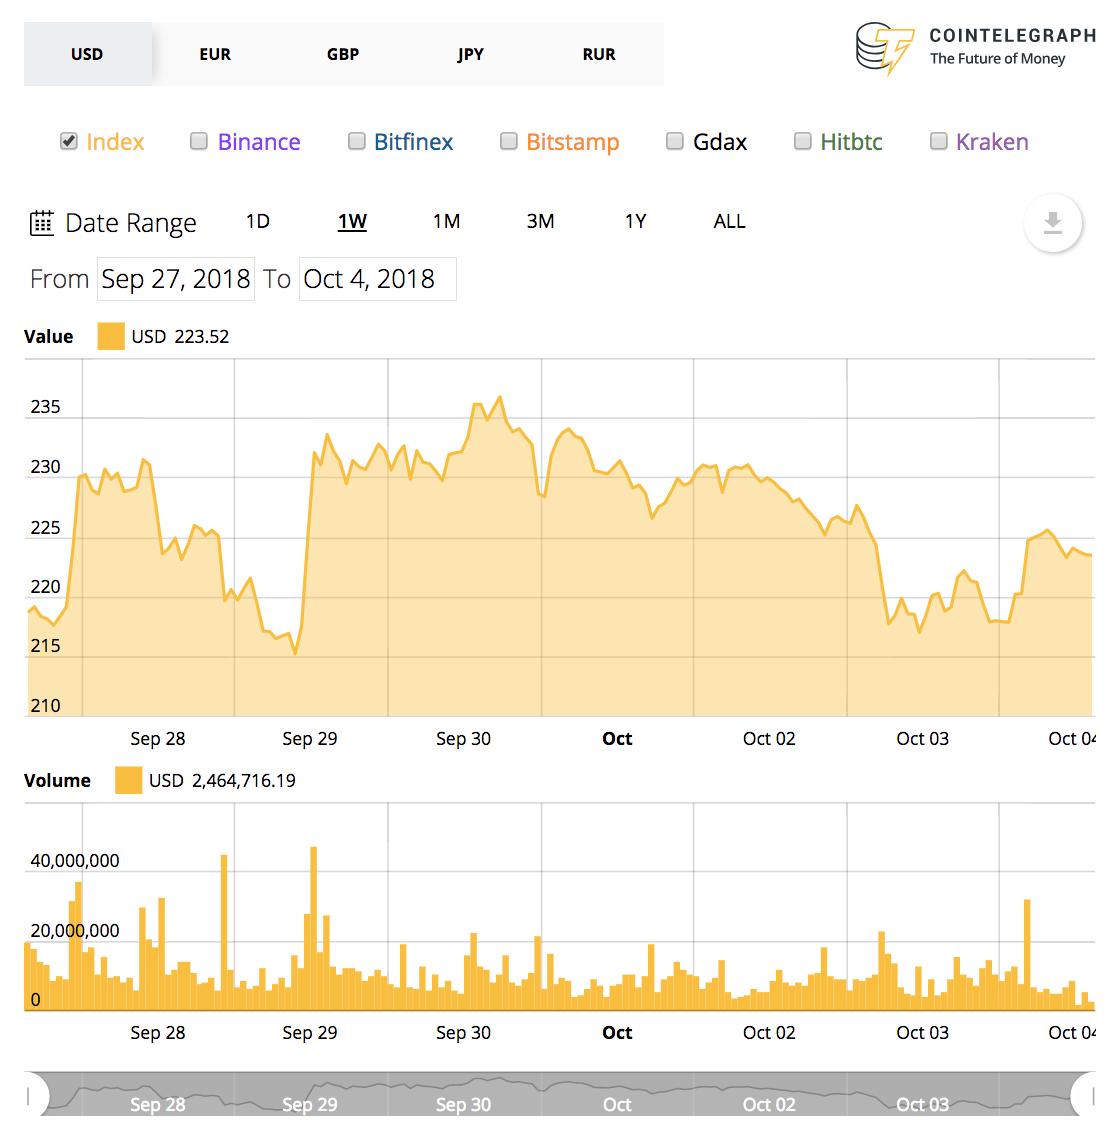 Tabla de precios de Ethereum de 7 días